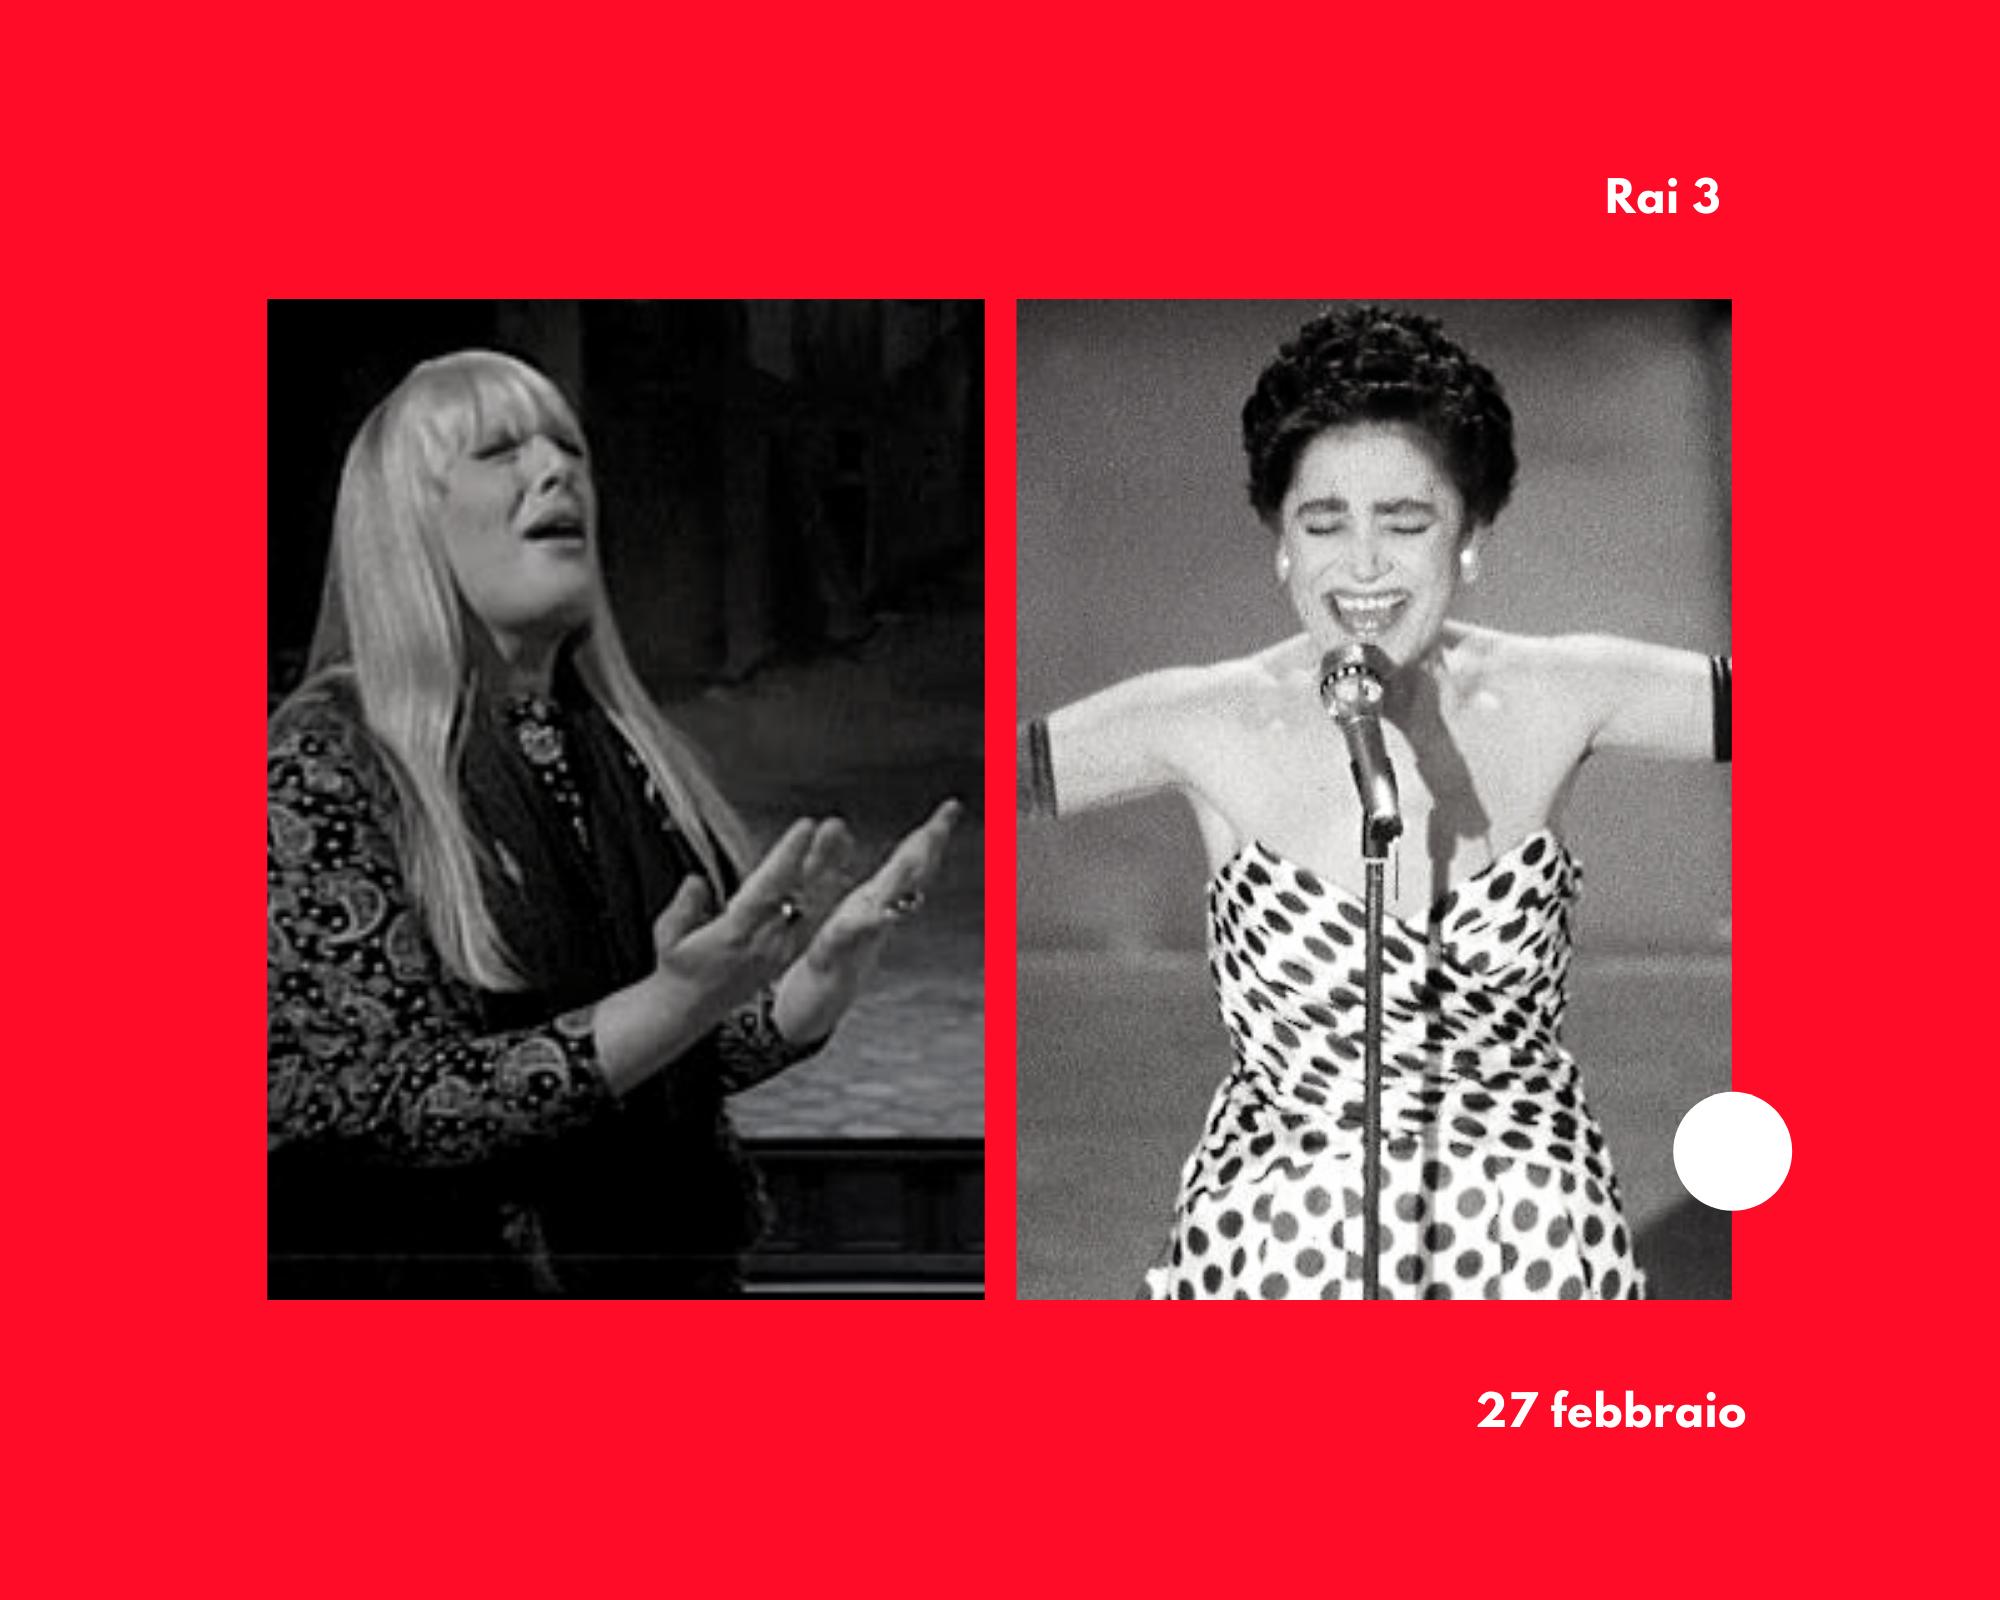 Un inedito di Mia Martini e il diario segreto di Gabriella Ferri: questa sera in anteprima su Rai 3